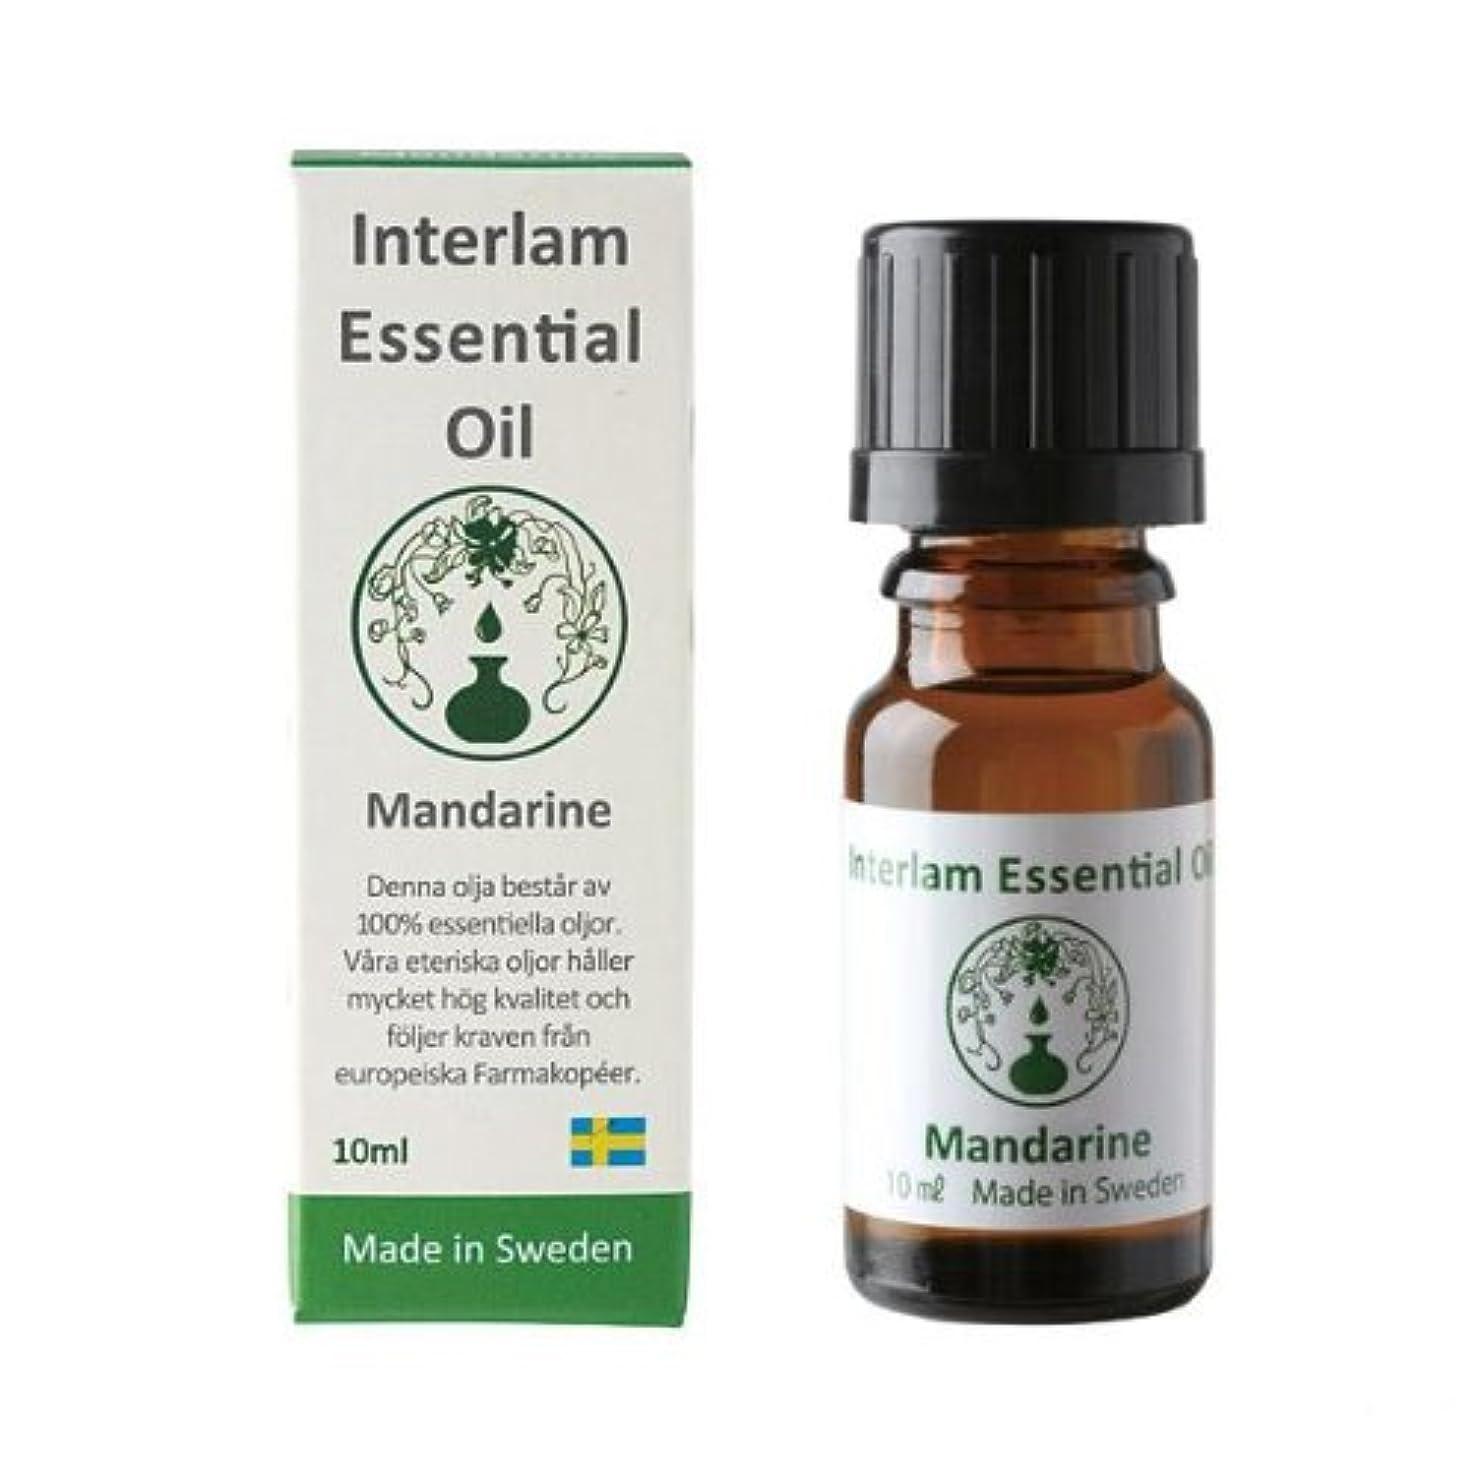 栄養孤独デジタルInterlam Essential Oil マンダリン 10ml